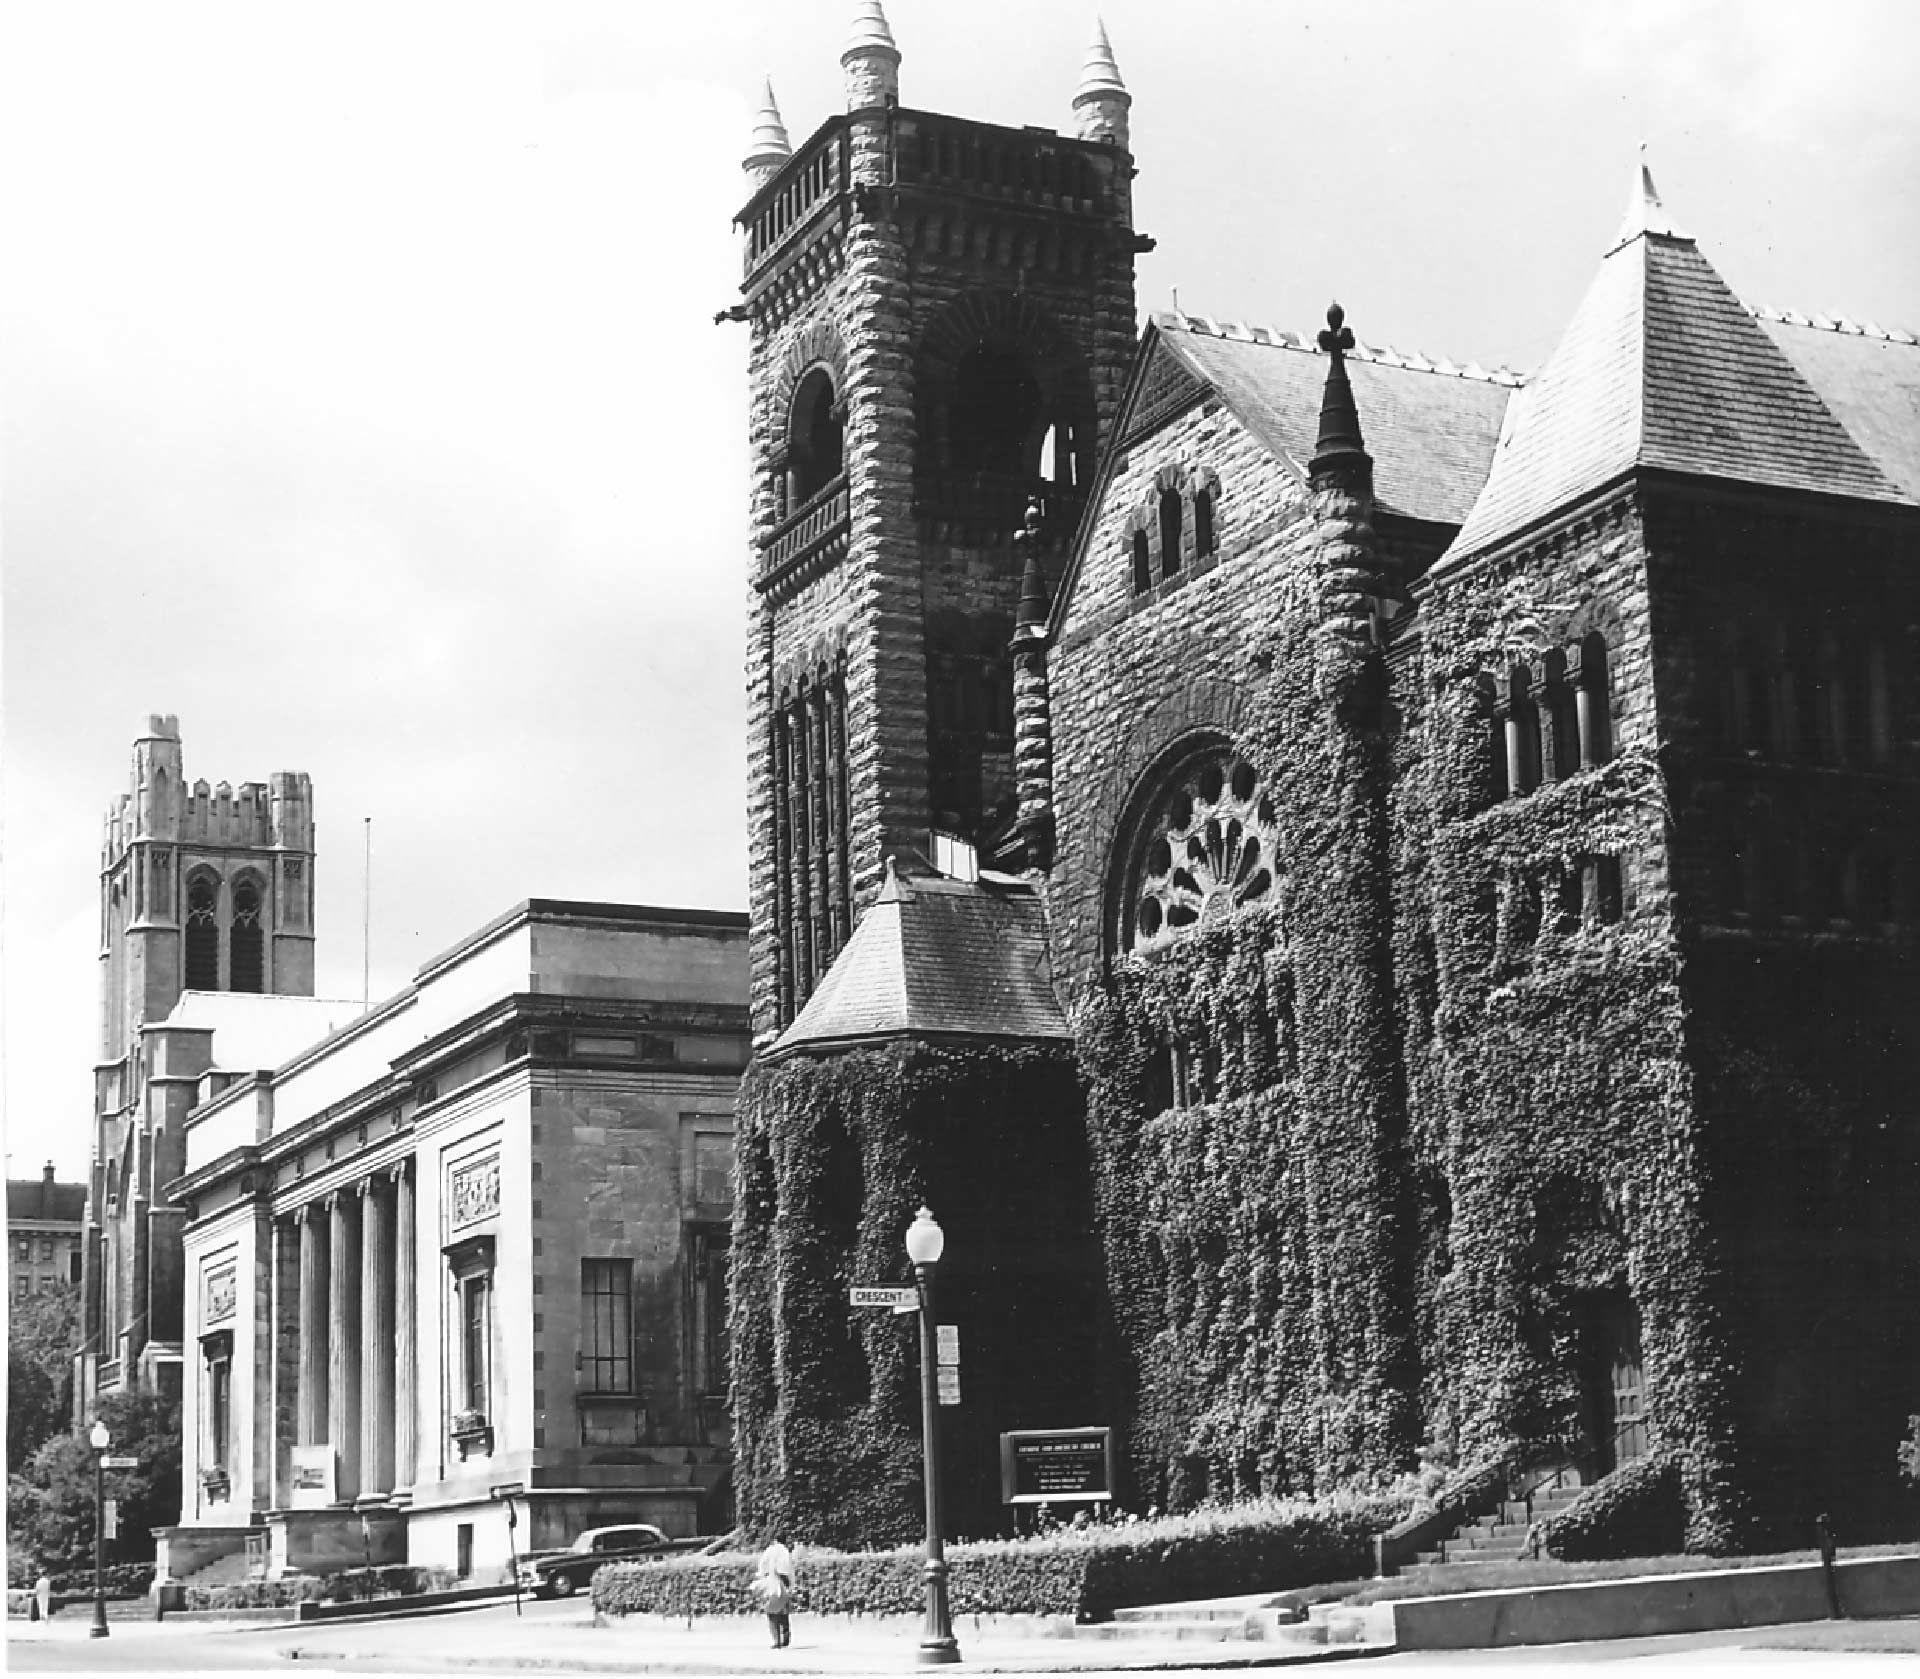 Photo en noir et blanc de l'extérieur de l'église Erskine and American